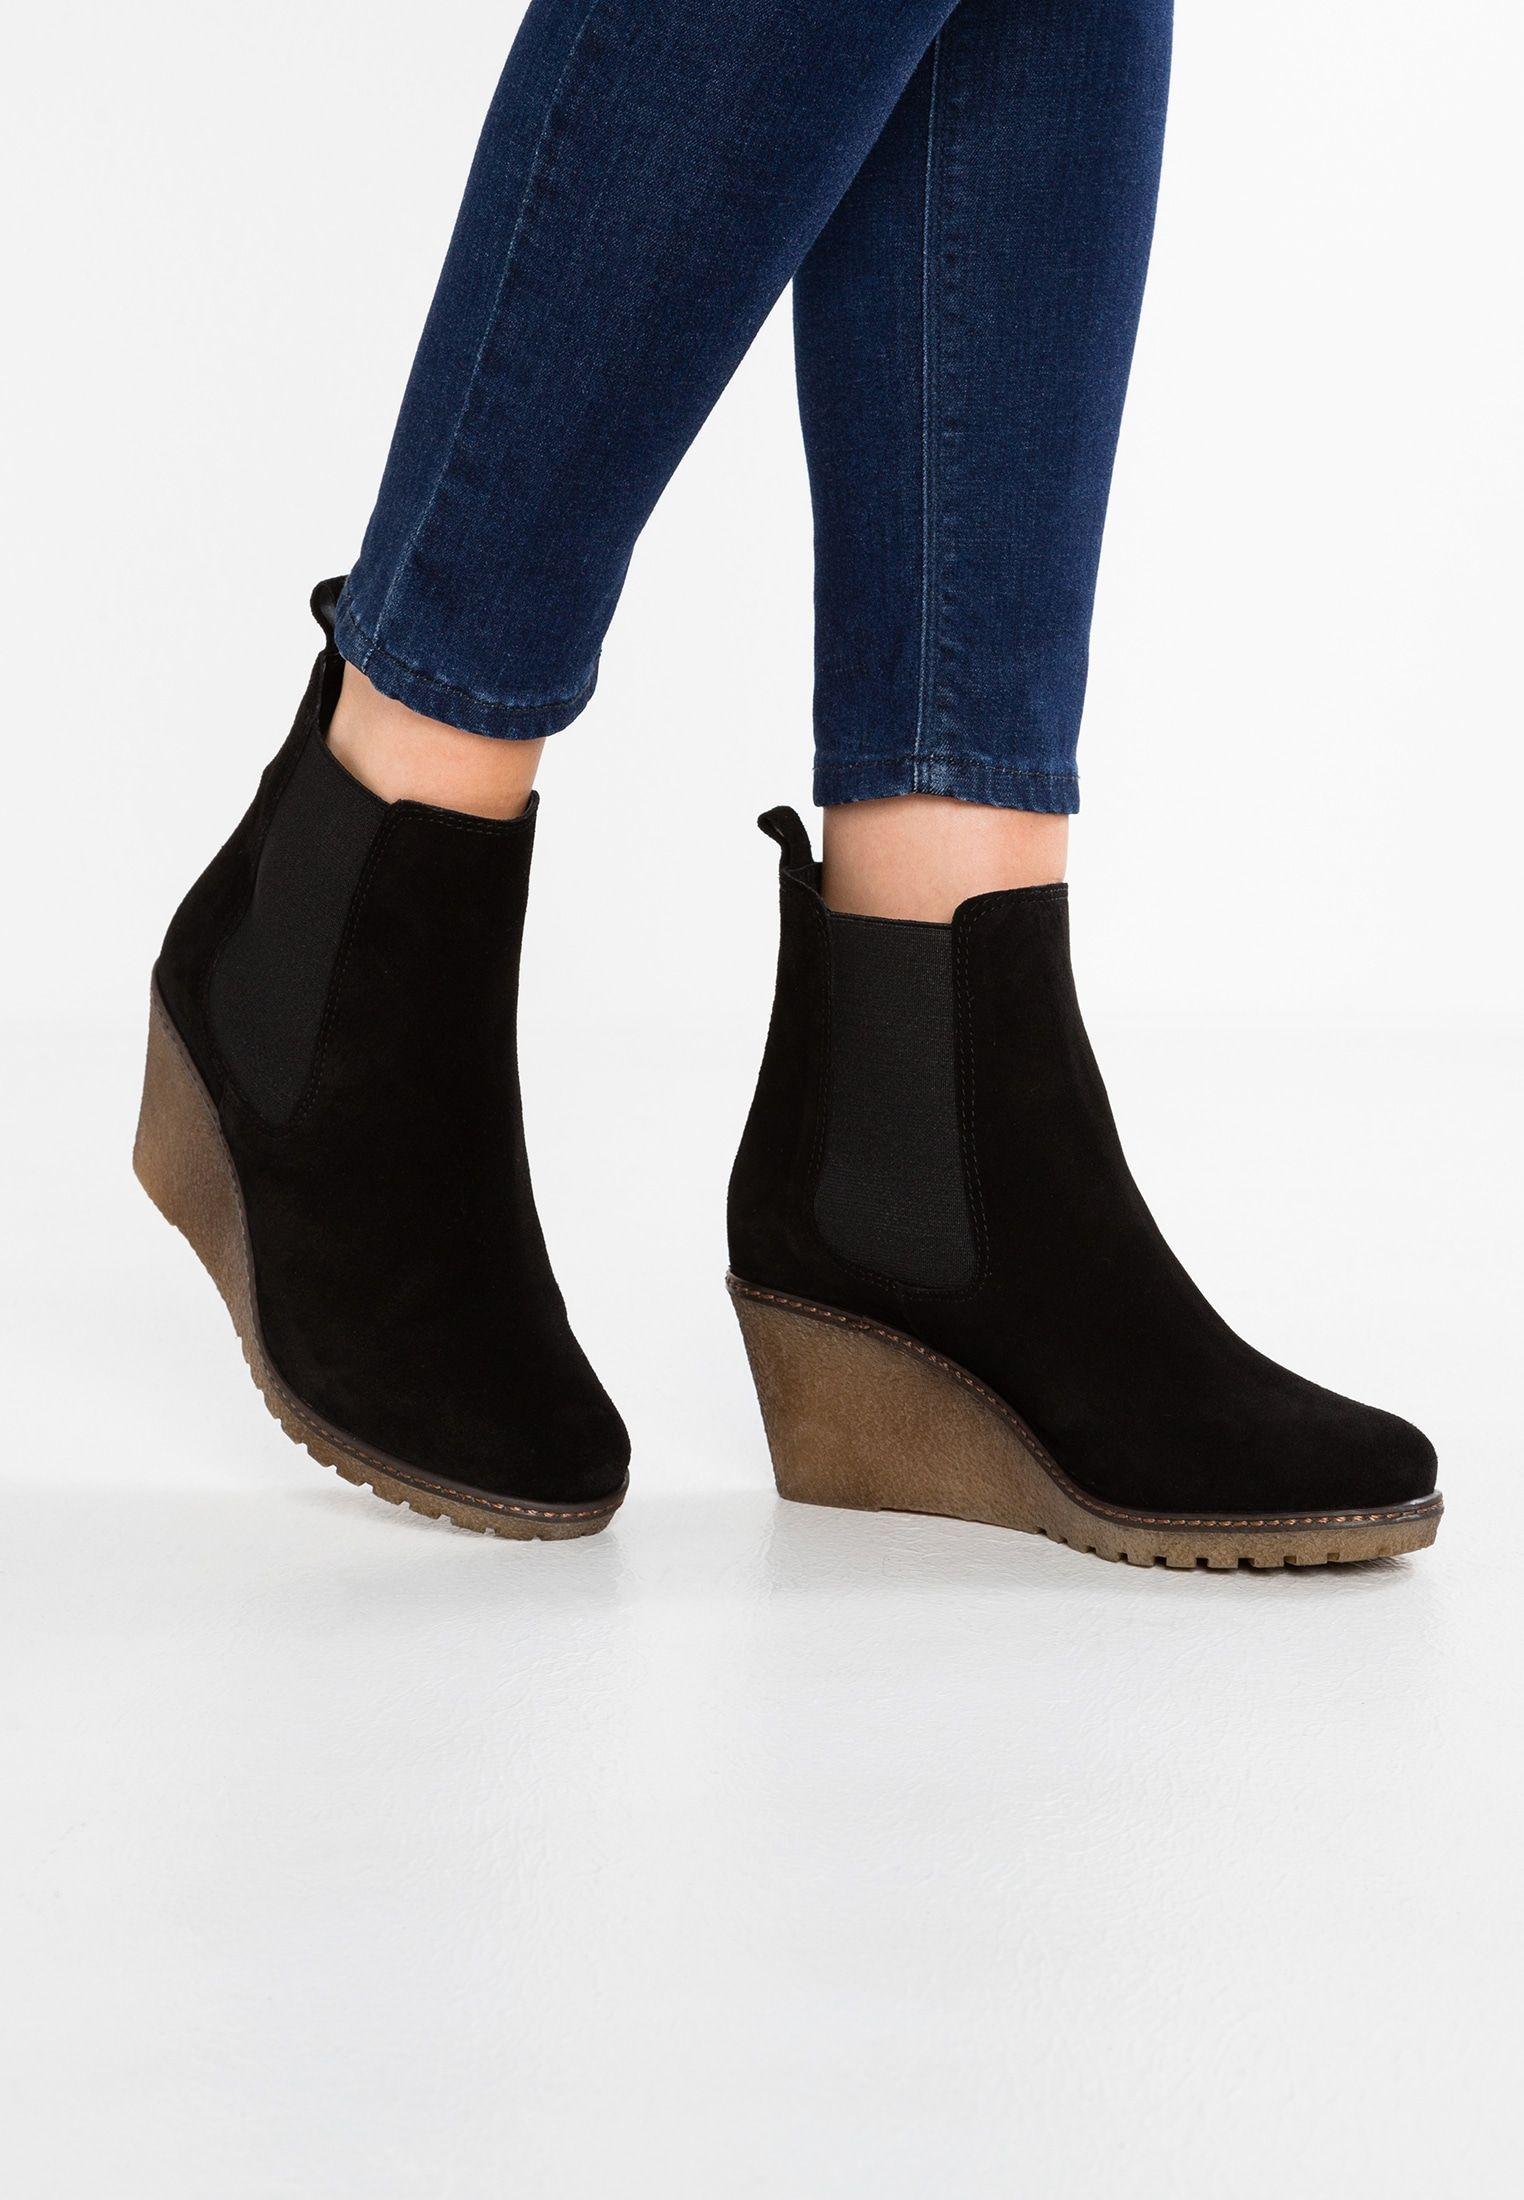 plus récent b74ab ec8b7 Bottines compensées - black @ ZALANDO.FR 🛒 in 2019 | Shoes ...